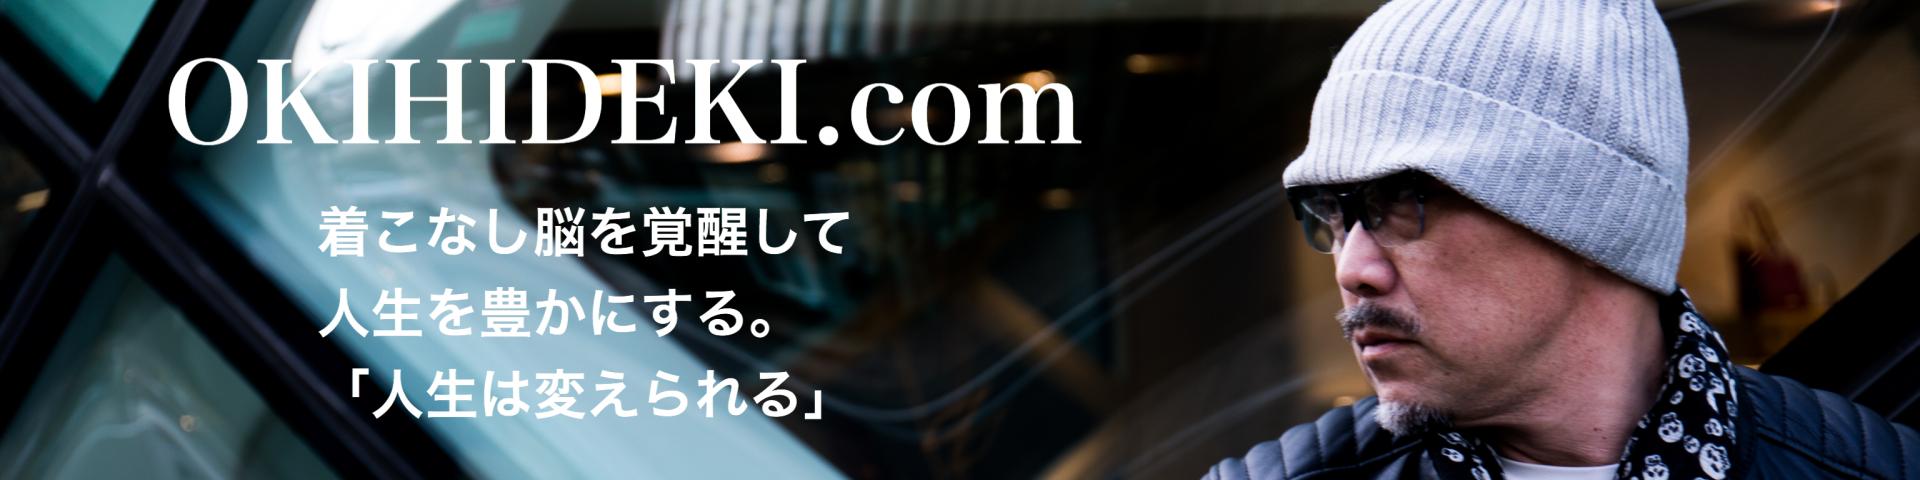 OKIHIDEKI.com